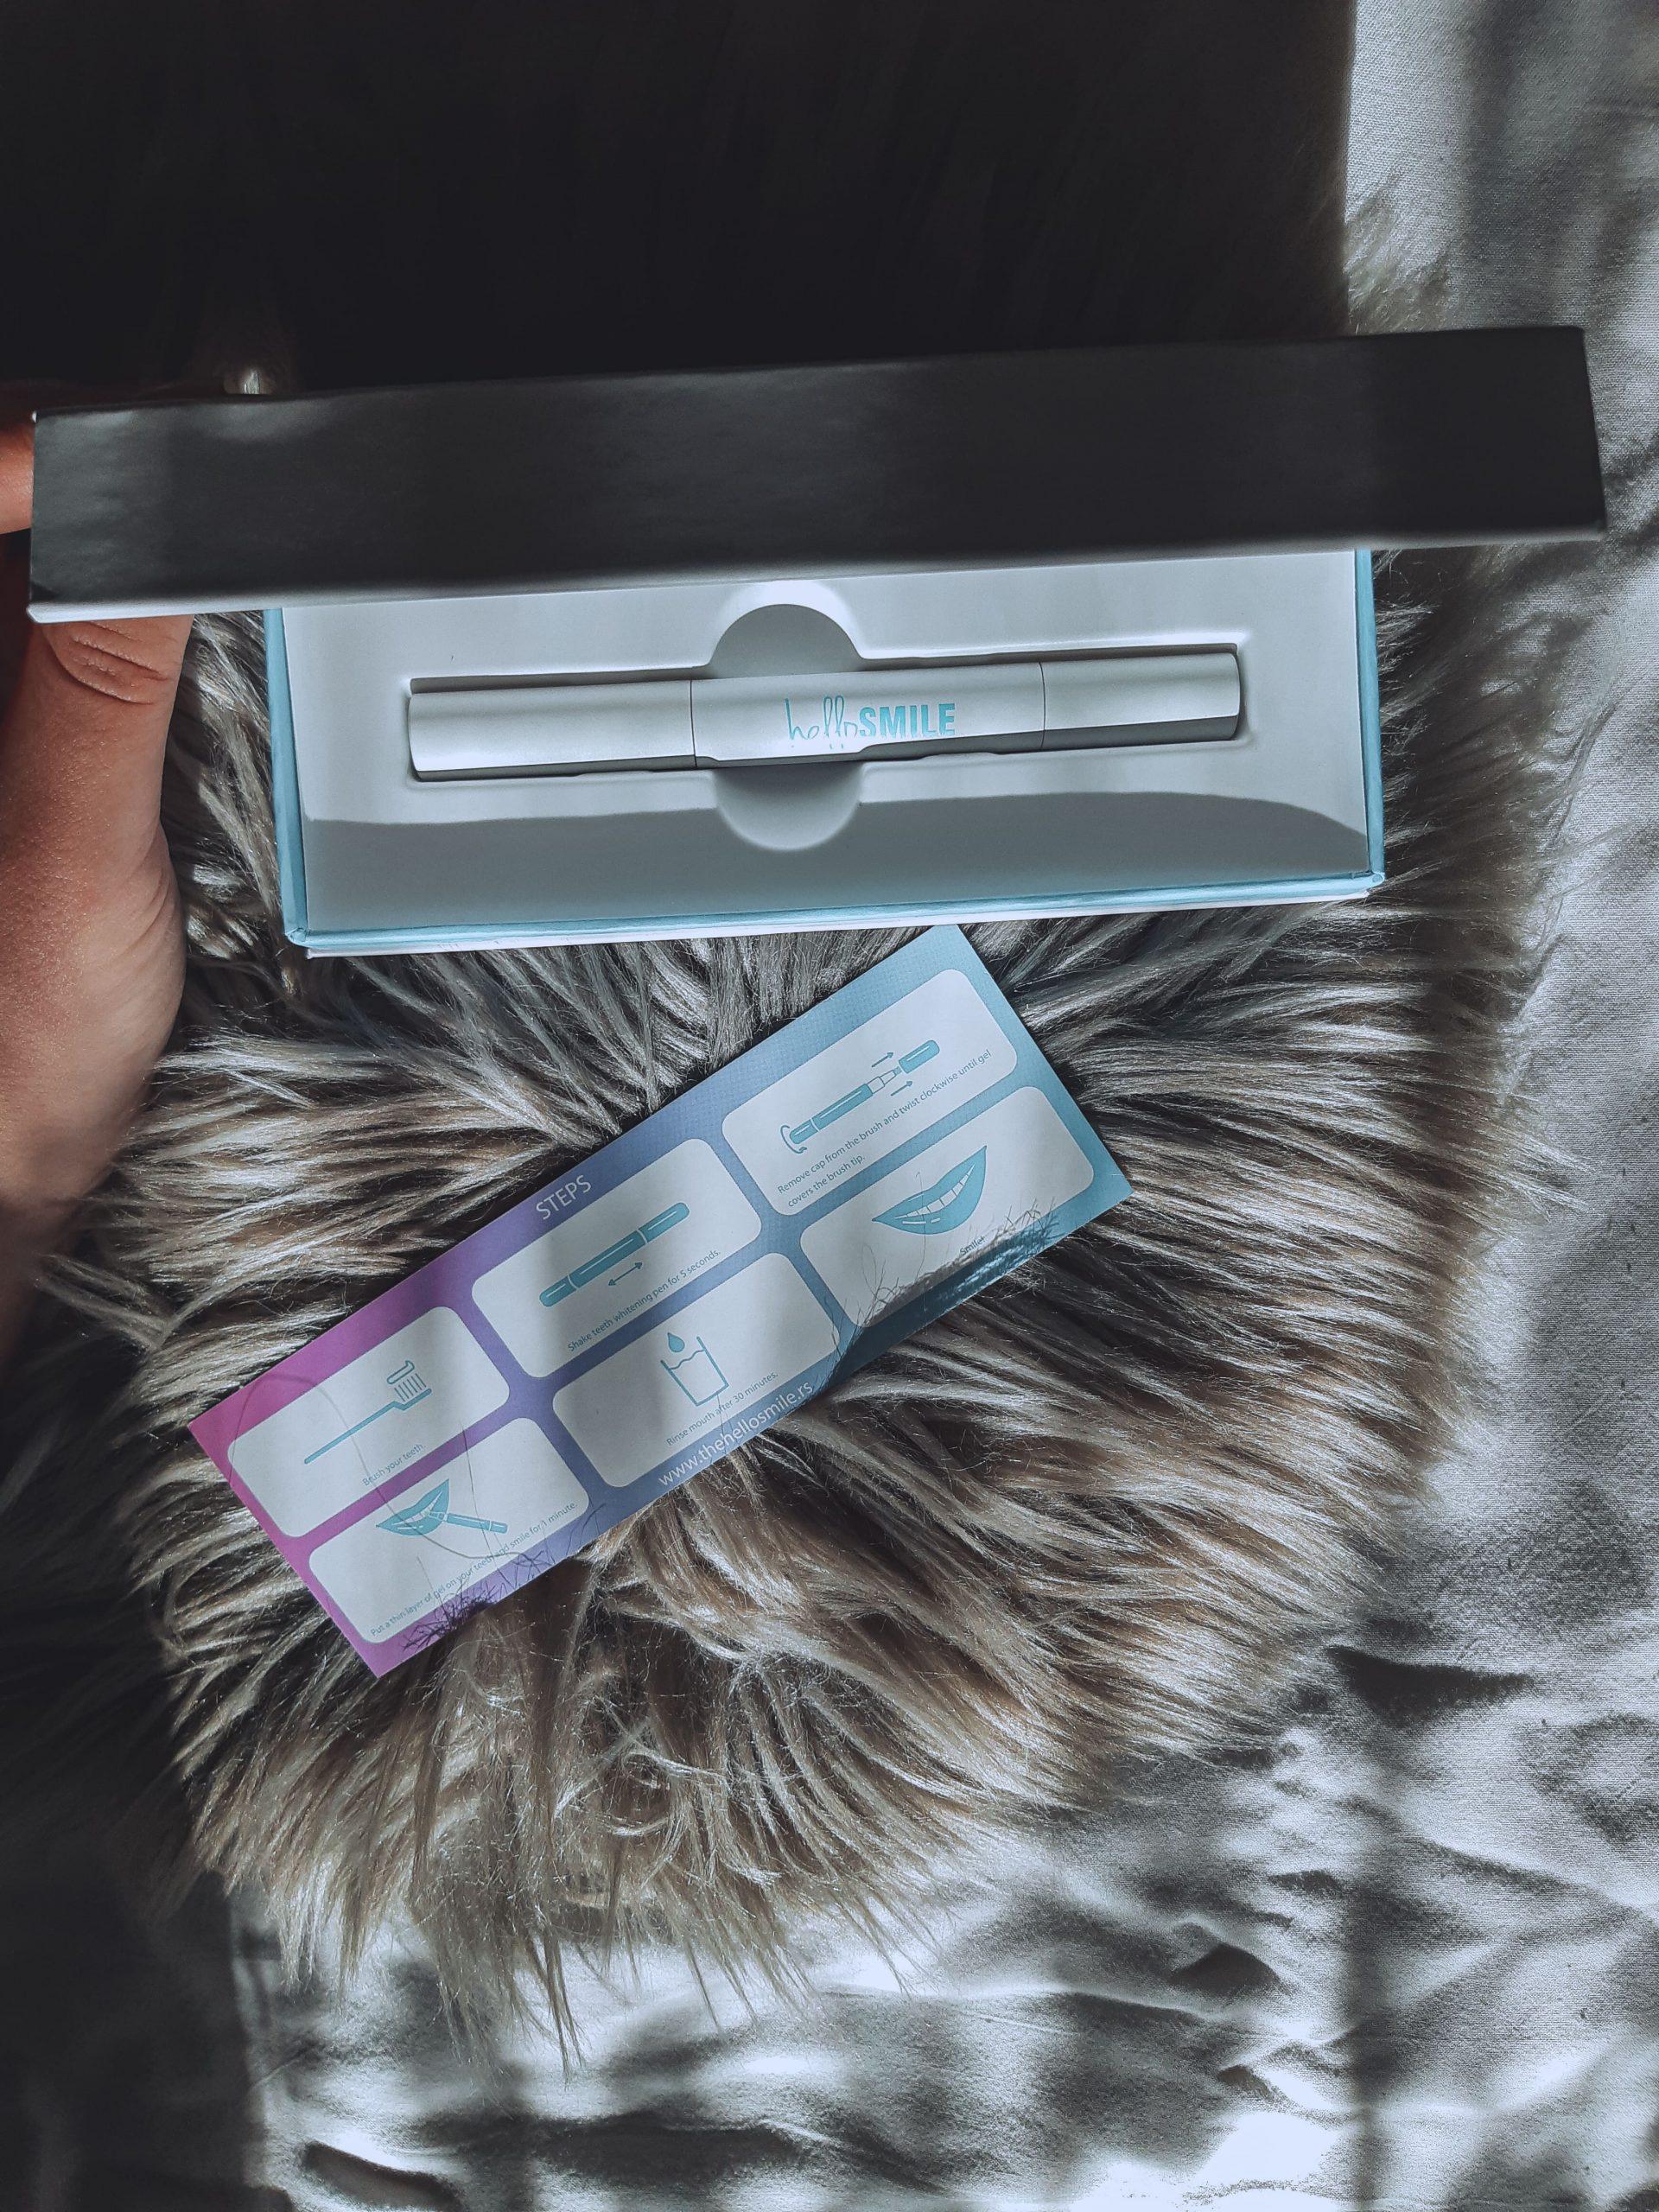 kako izbijeliti zube na prirodan nacin lviinglikev fashion blogger hello smile olovka recenzija hello smile